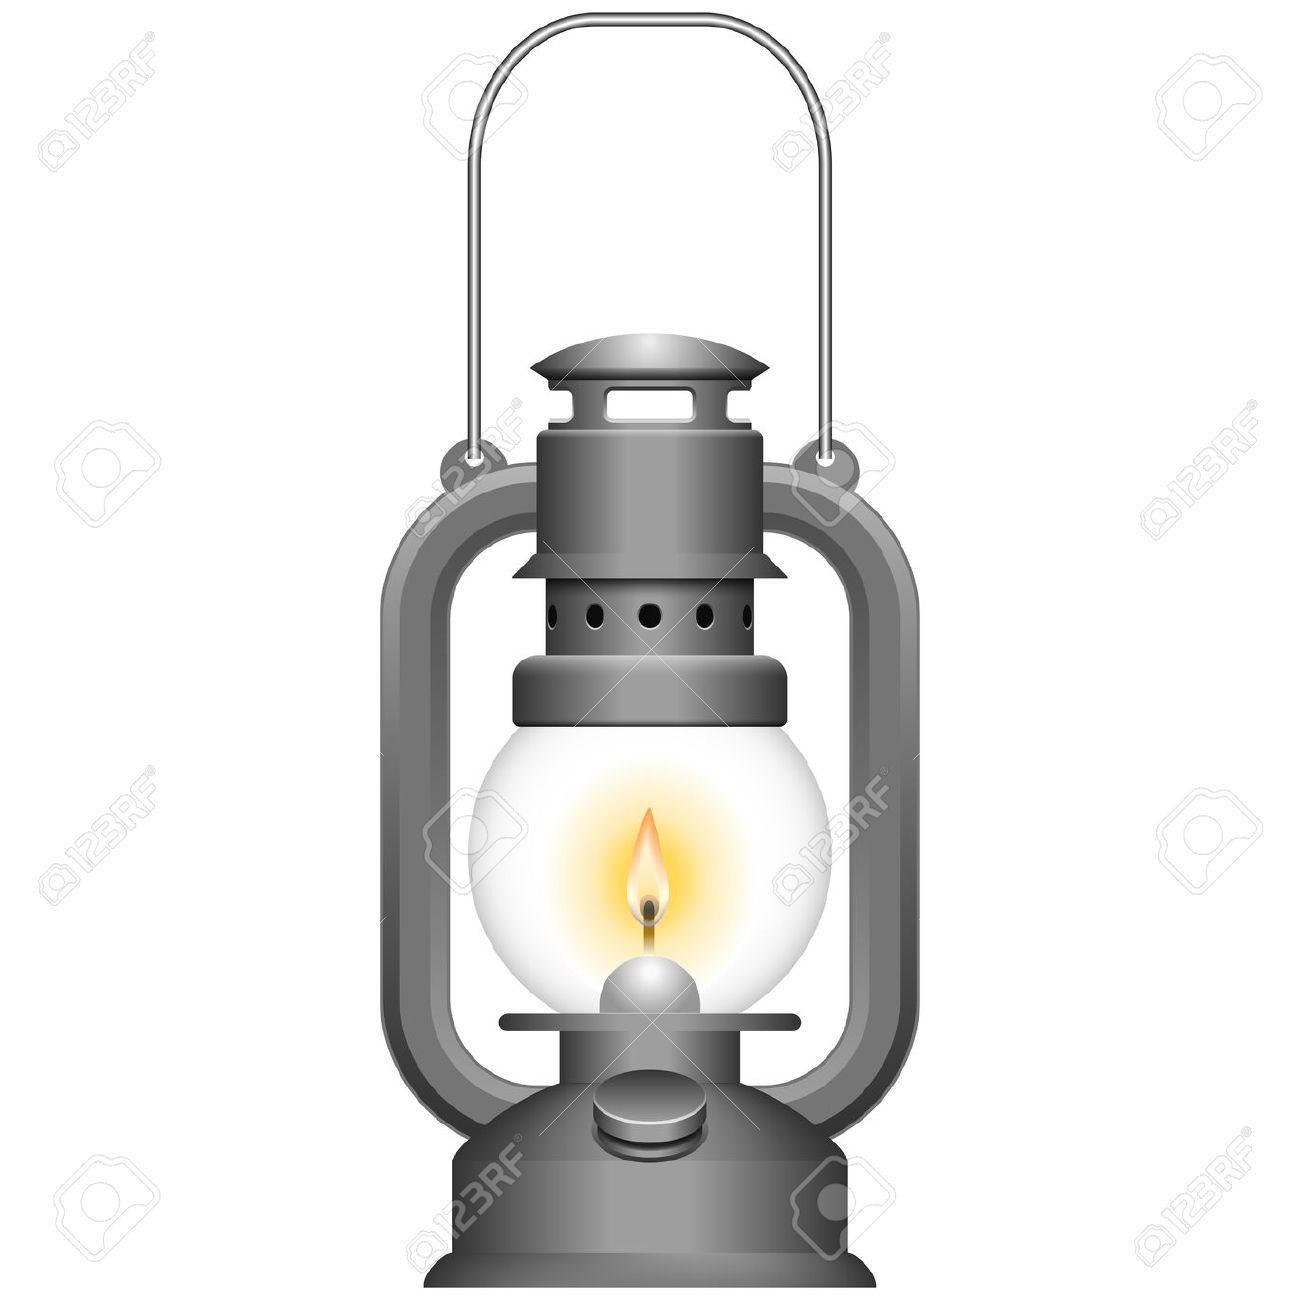 Kerosene lamp clipart.